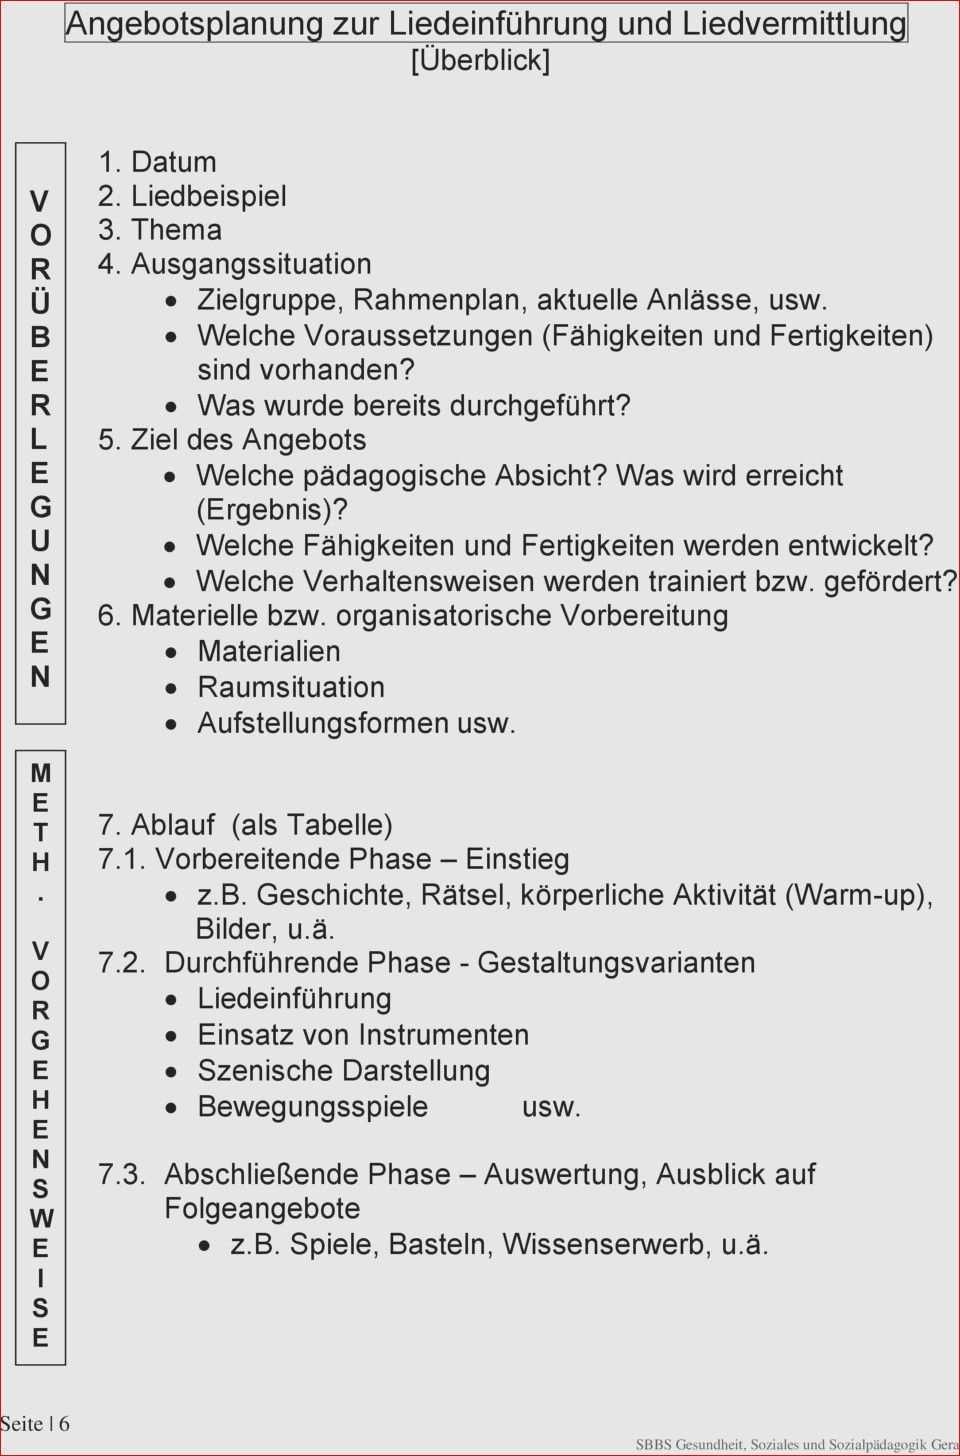 31 Im Trend Schriftliche Planung Eines Angebotes Im Kindergarten Design Ideen Rahmenplan Erzieherin Angebote